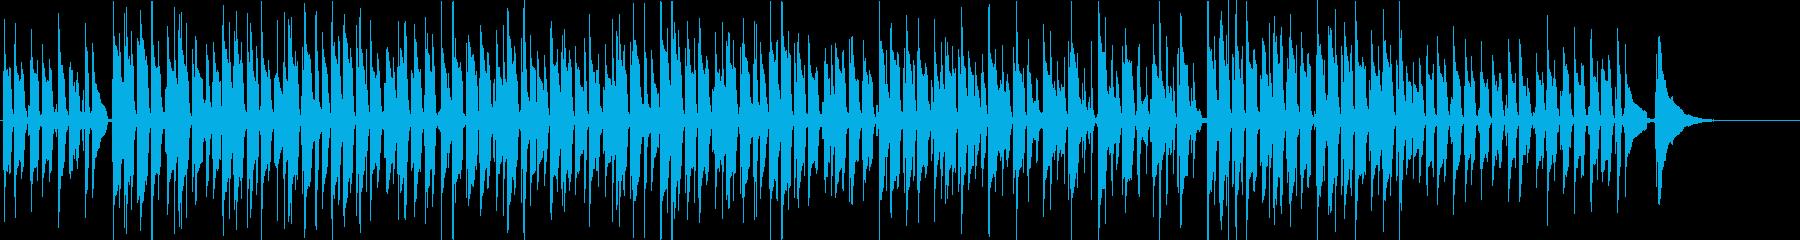 アコギ 生演奏 ラブミーテンダーの再生済みの波形